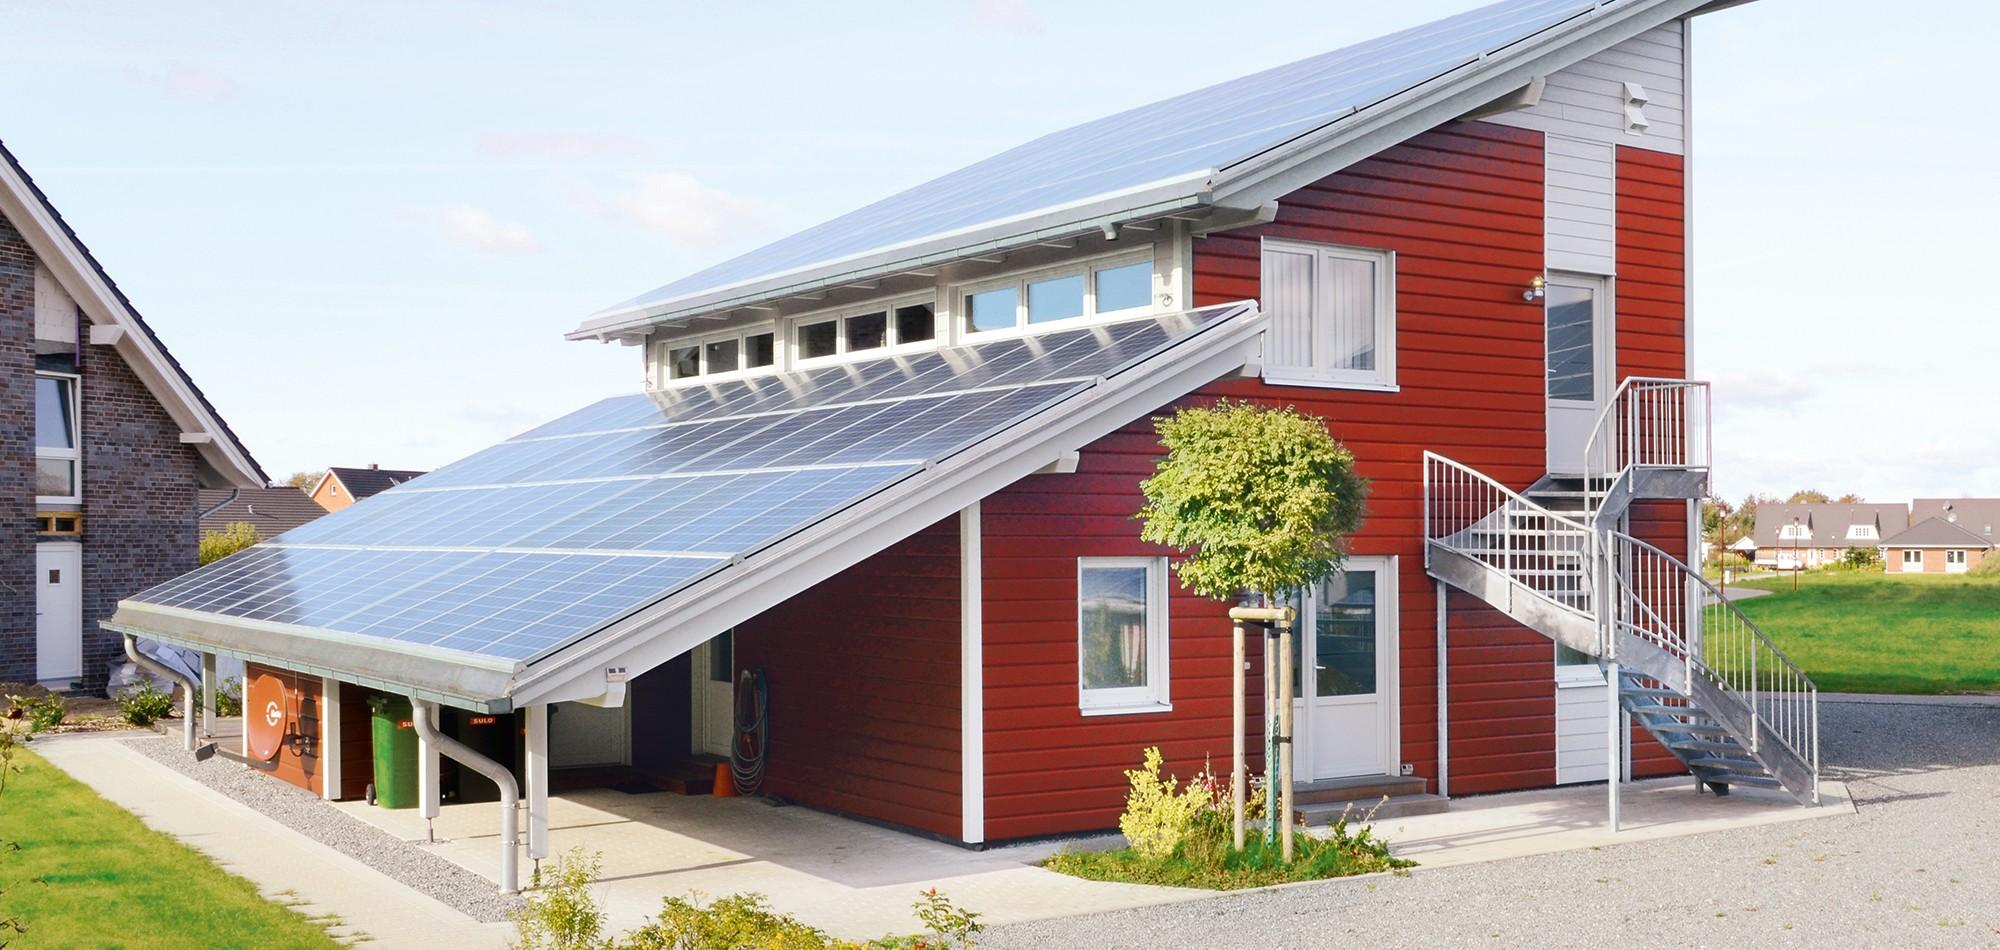 Holzhaus Modulbauweise pultdach solarhaus holzhäuser zimmerei richardsen langenhorn